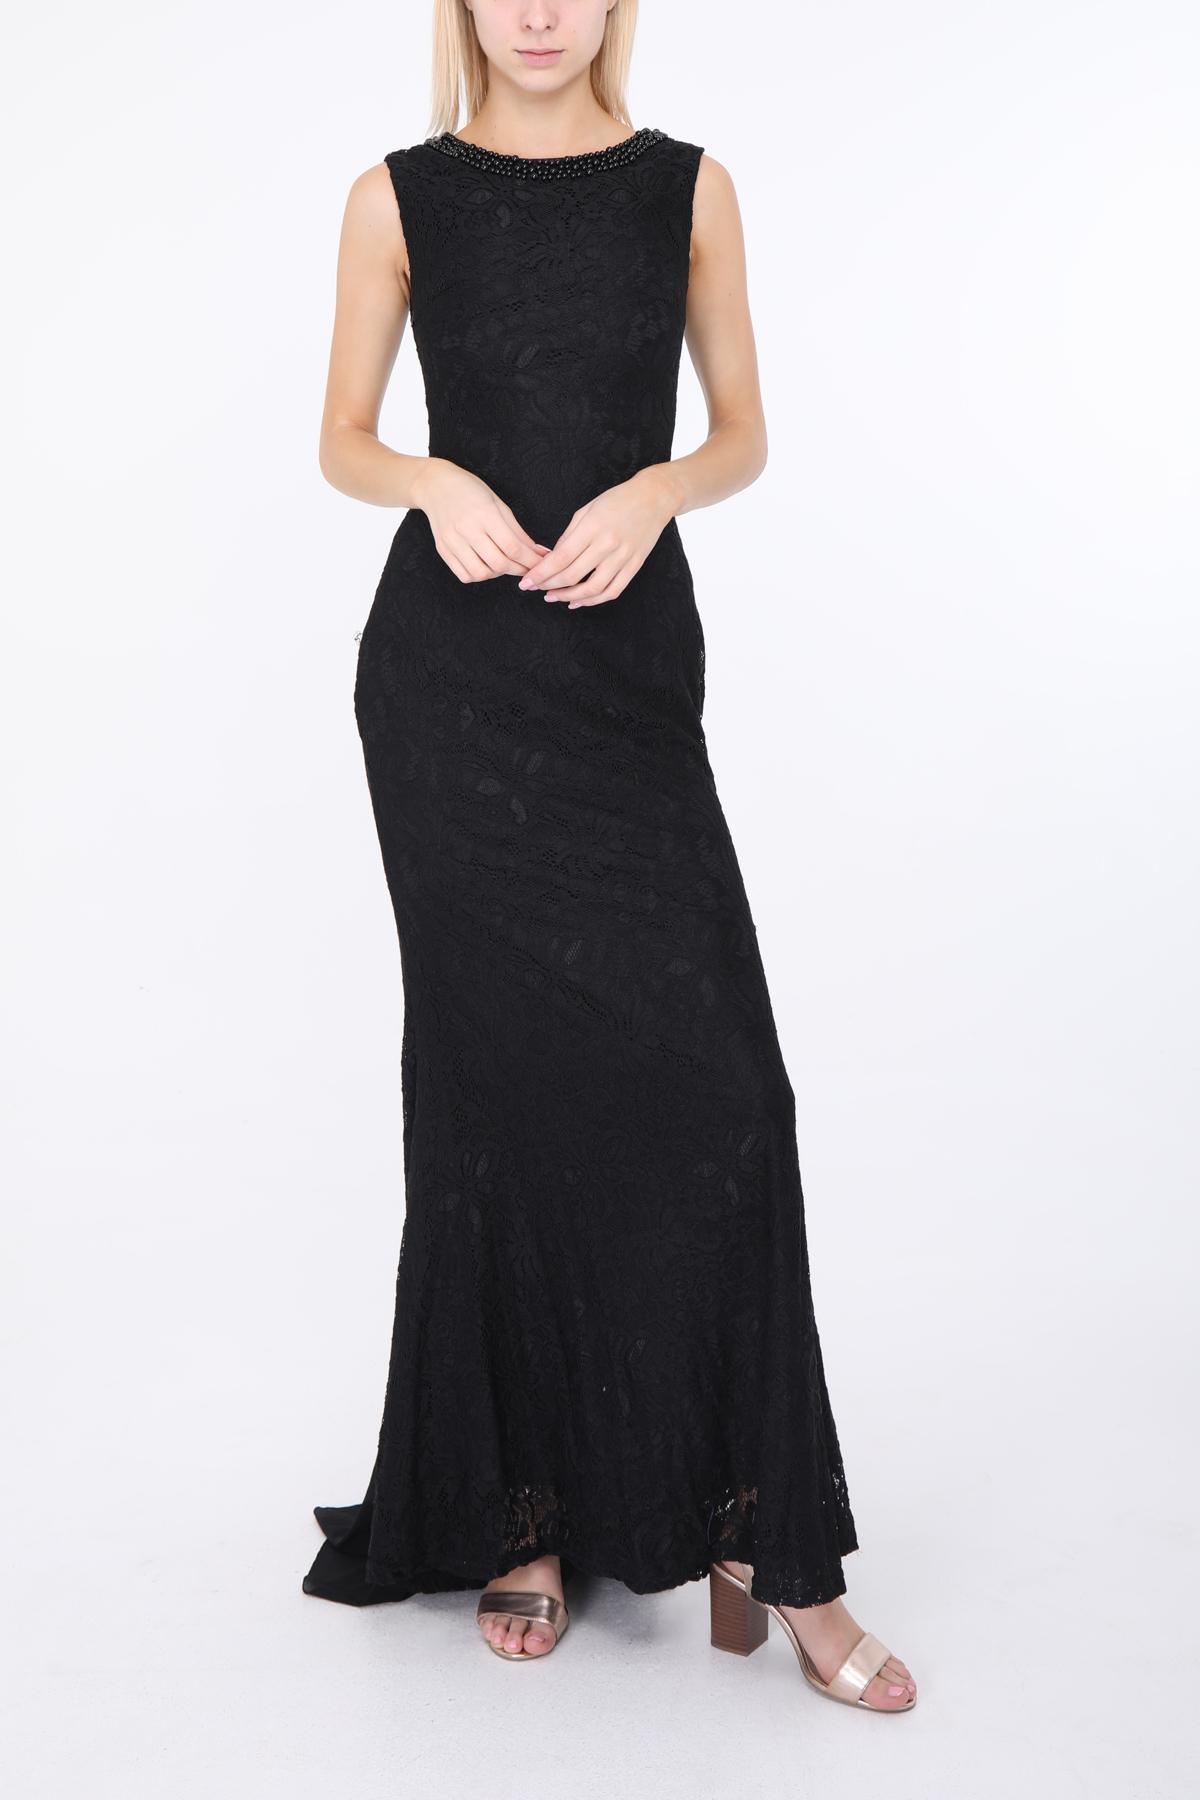 Robes de soirée Femme Noir Jenny Fashion 8712A #c eFashion Paris